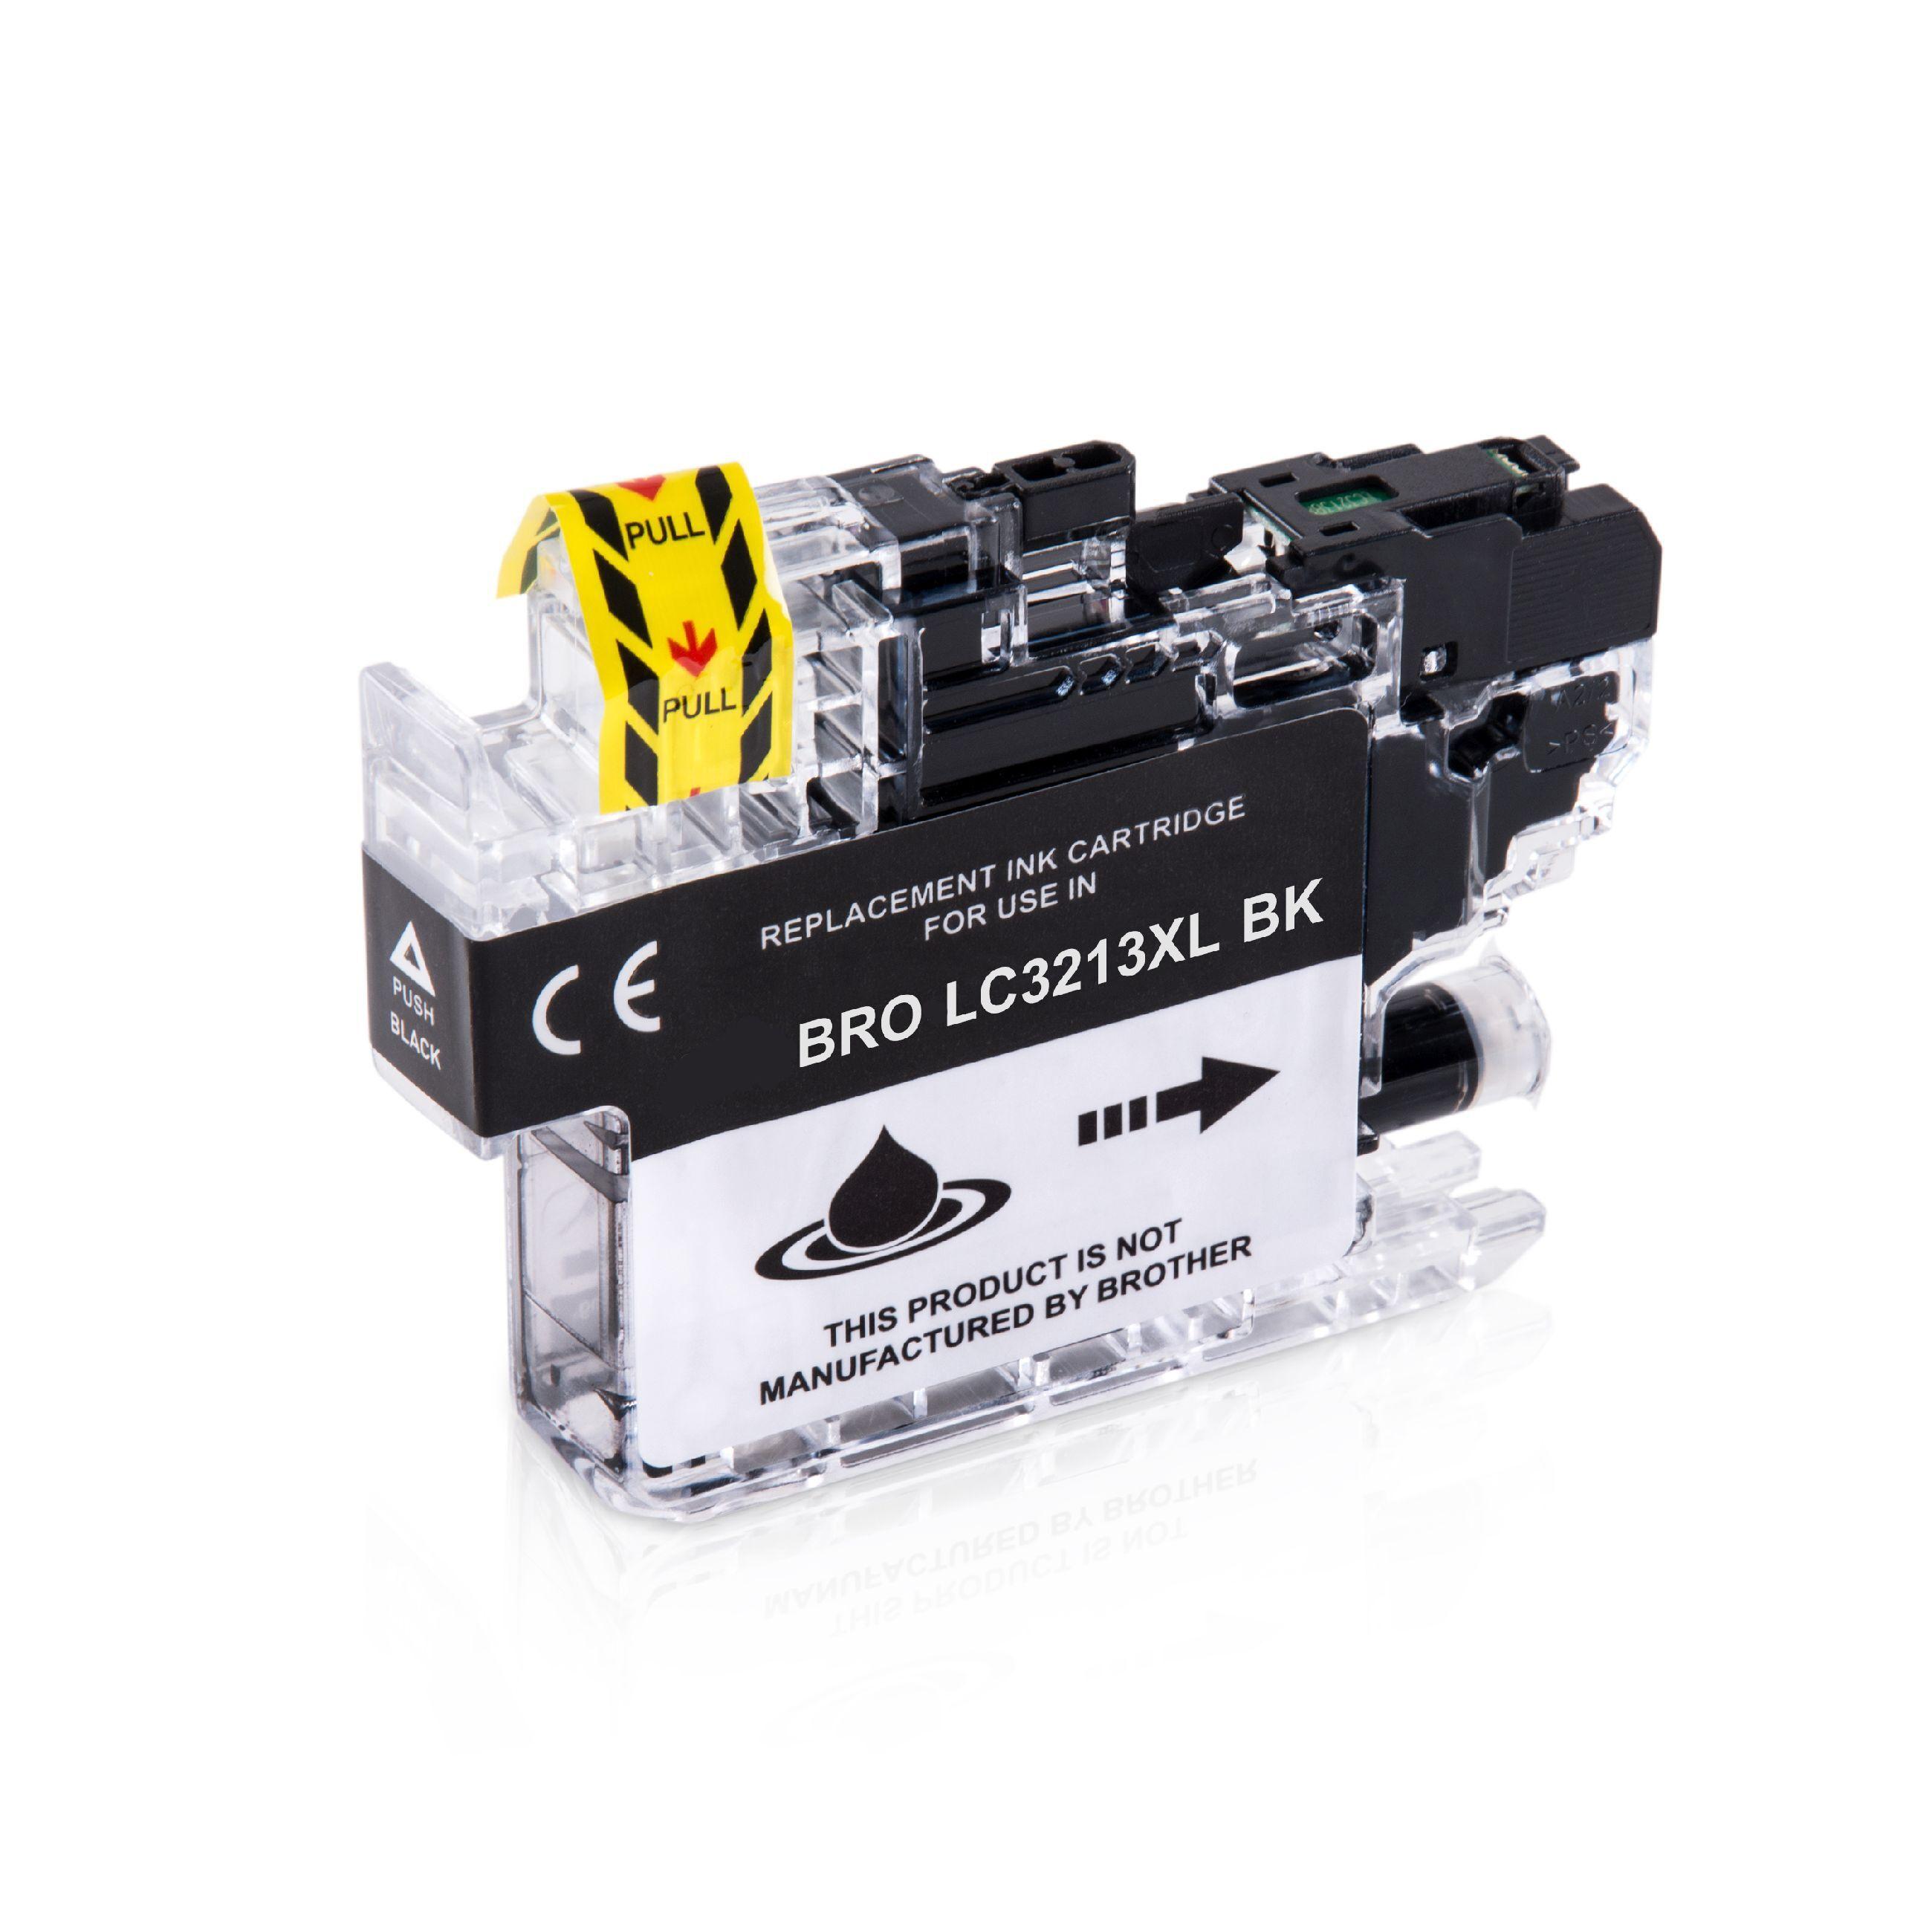 Brother Cartouche d'encre pour Brother LC3213BK noir compatible (de marque ASC)